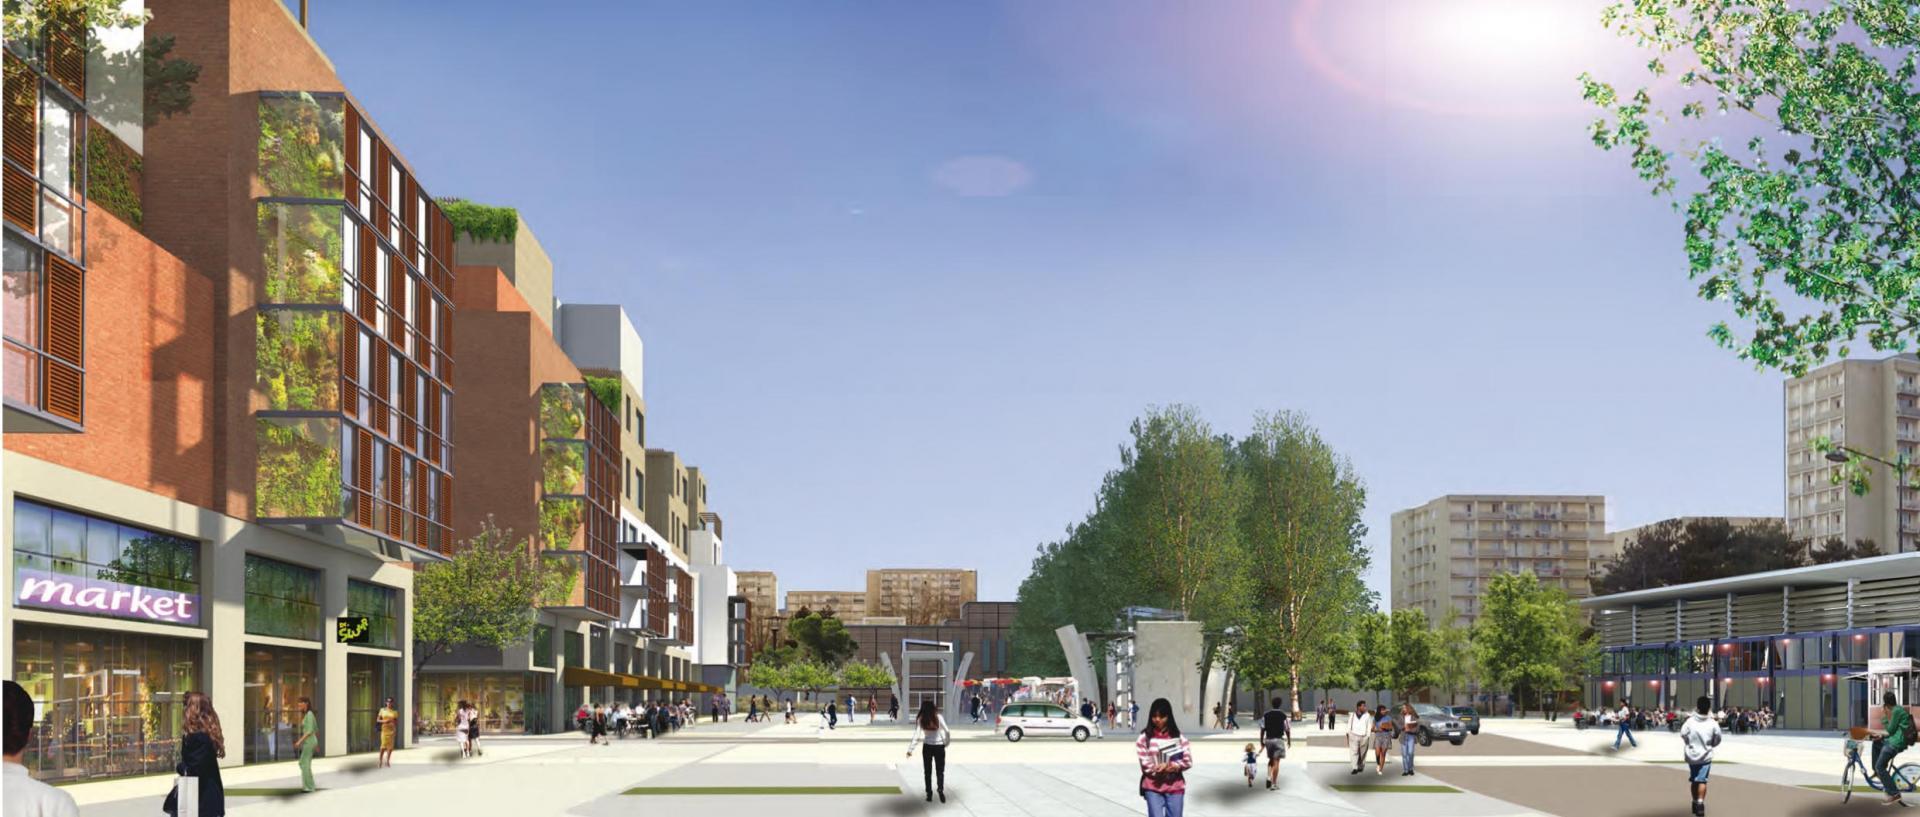 ZAC Blosne-Est - Place Zagreb nouvelle centralité © Antoine Grumbach